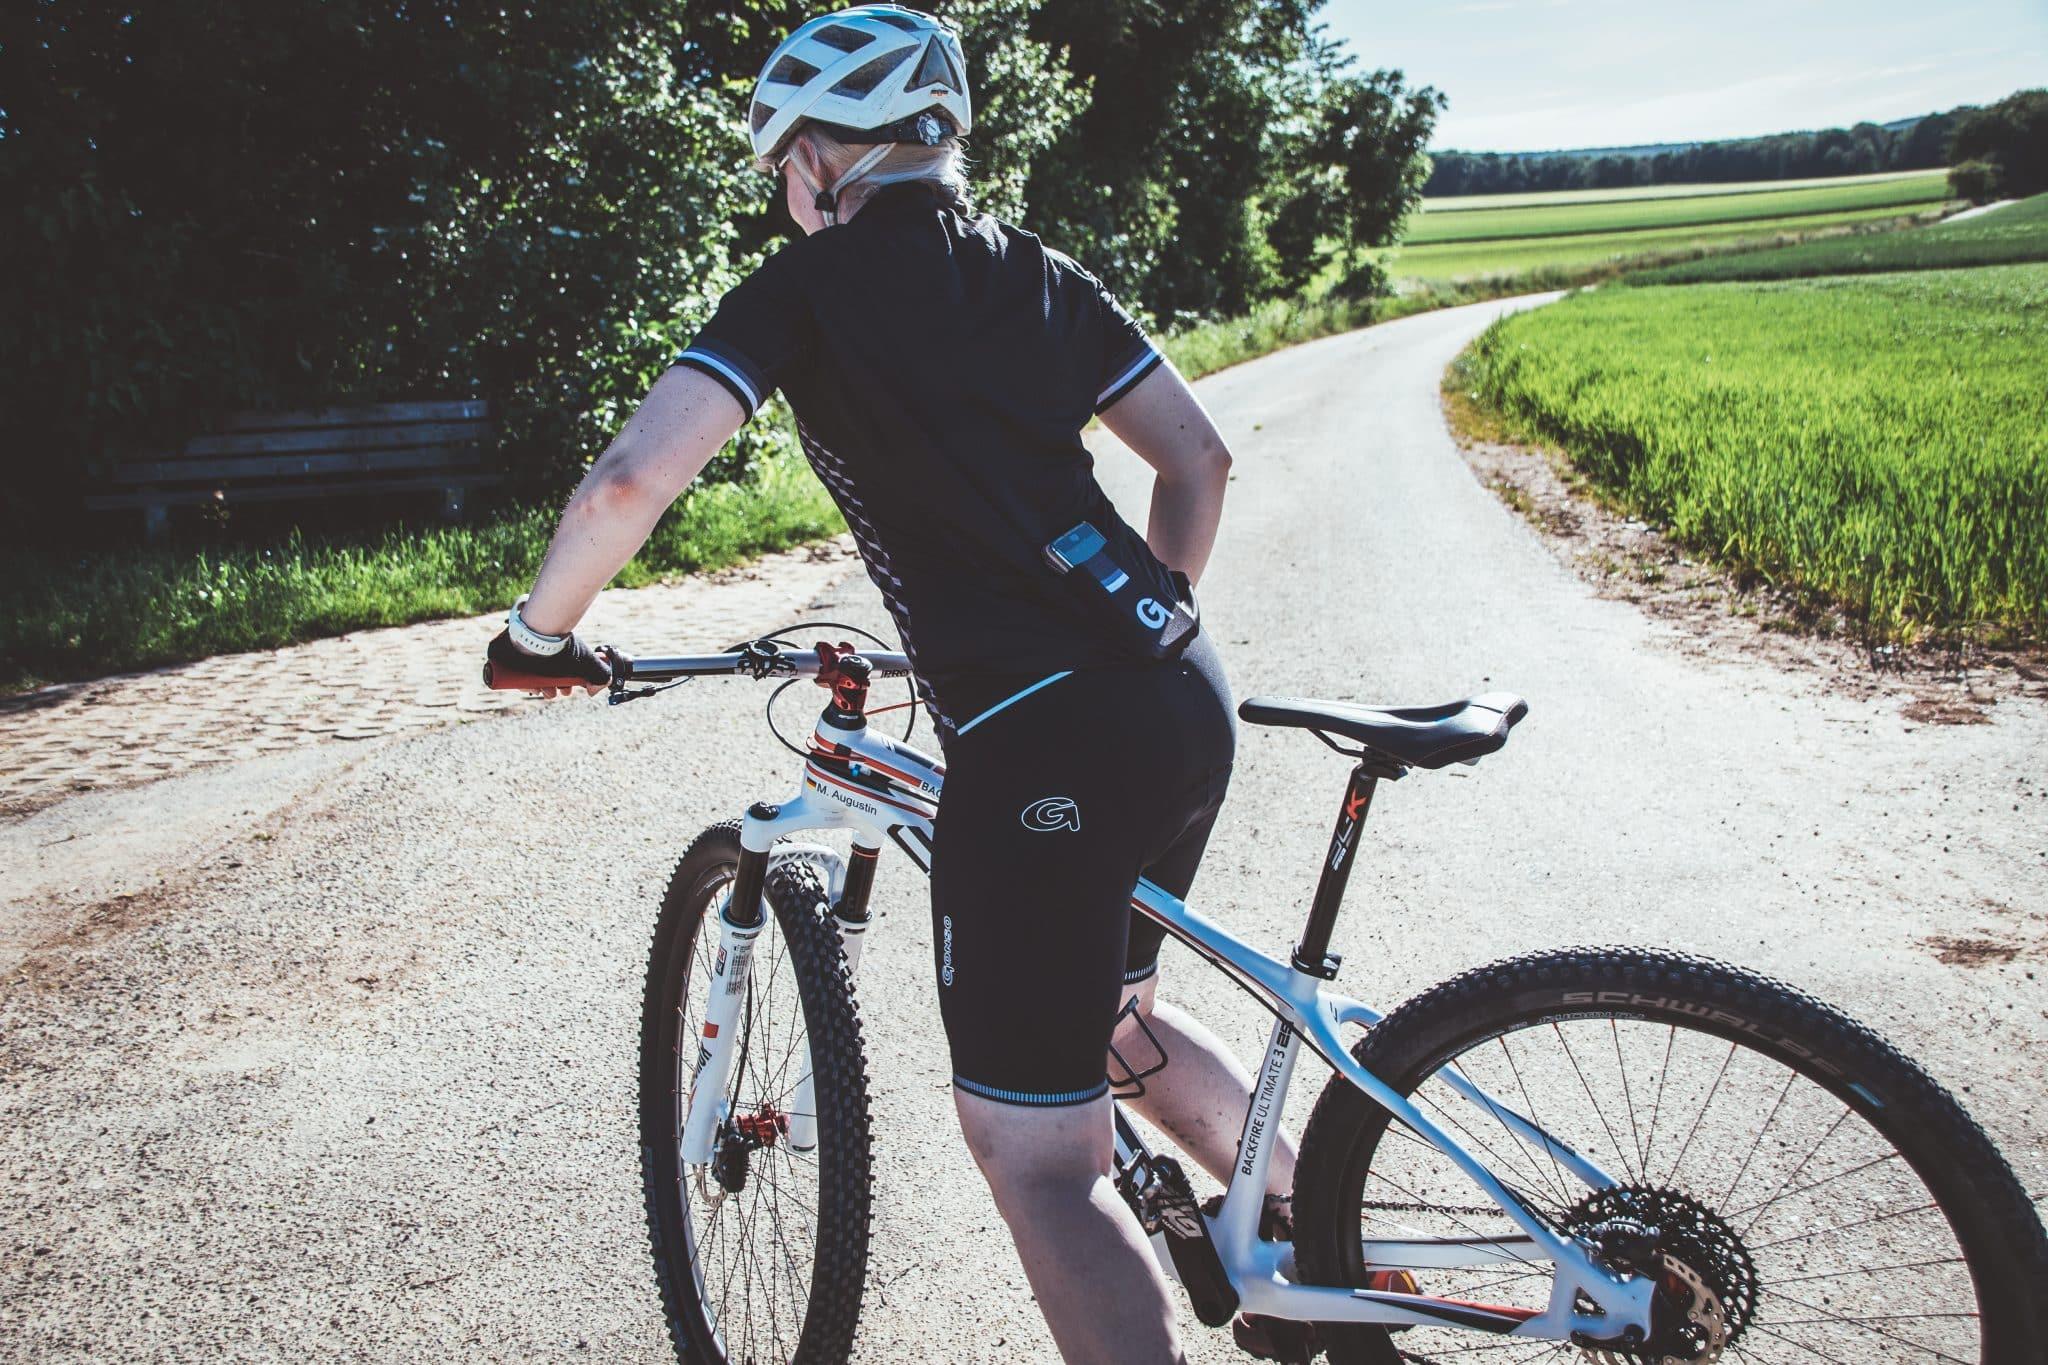 Die perfekte Radhose zum Radfahren gegen Sitzschmerzen auf dem Fahrrad. Radhosen mit Polster von Gonso.